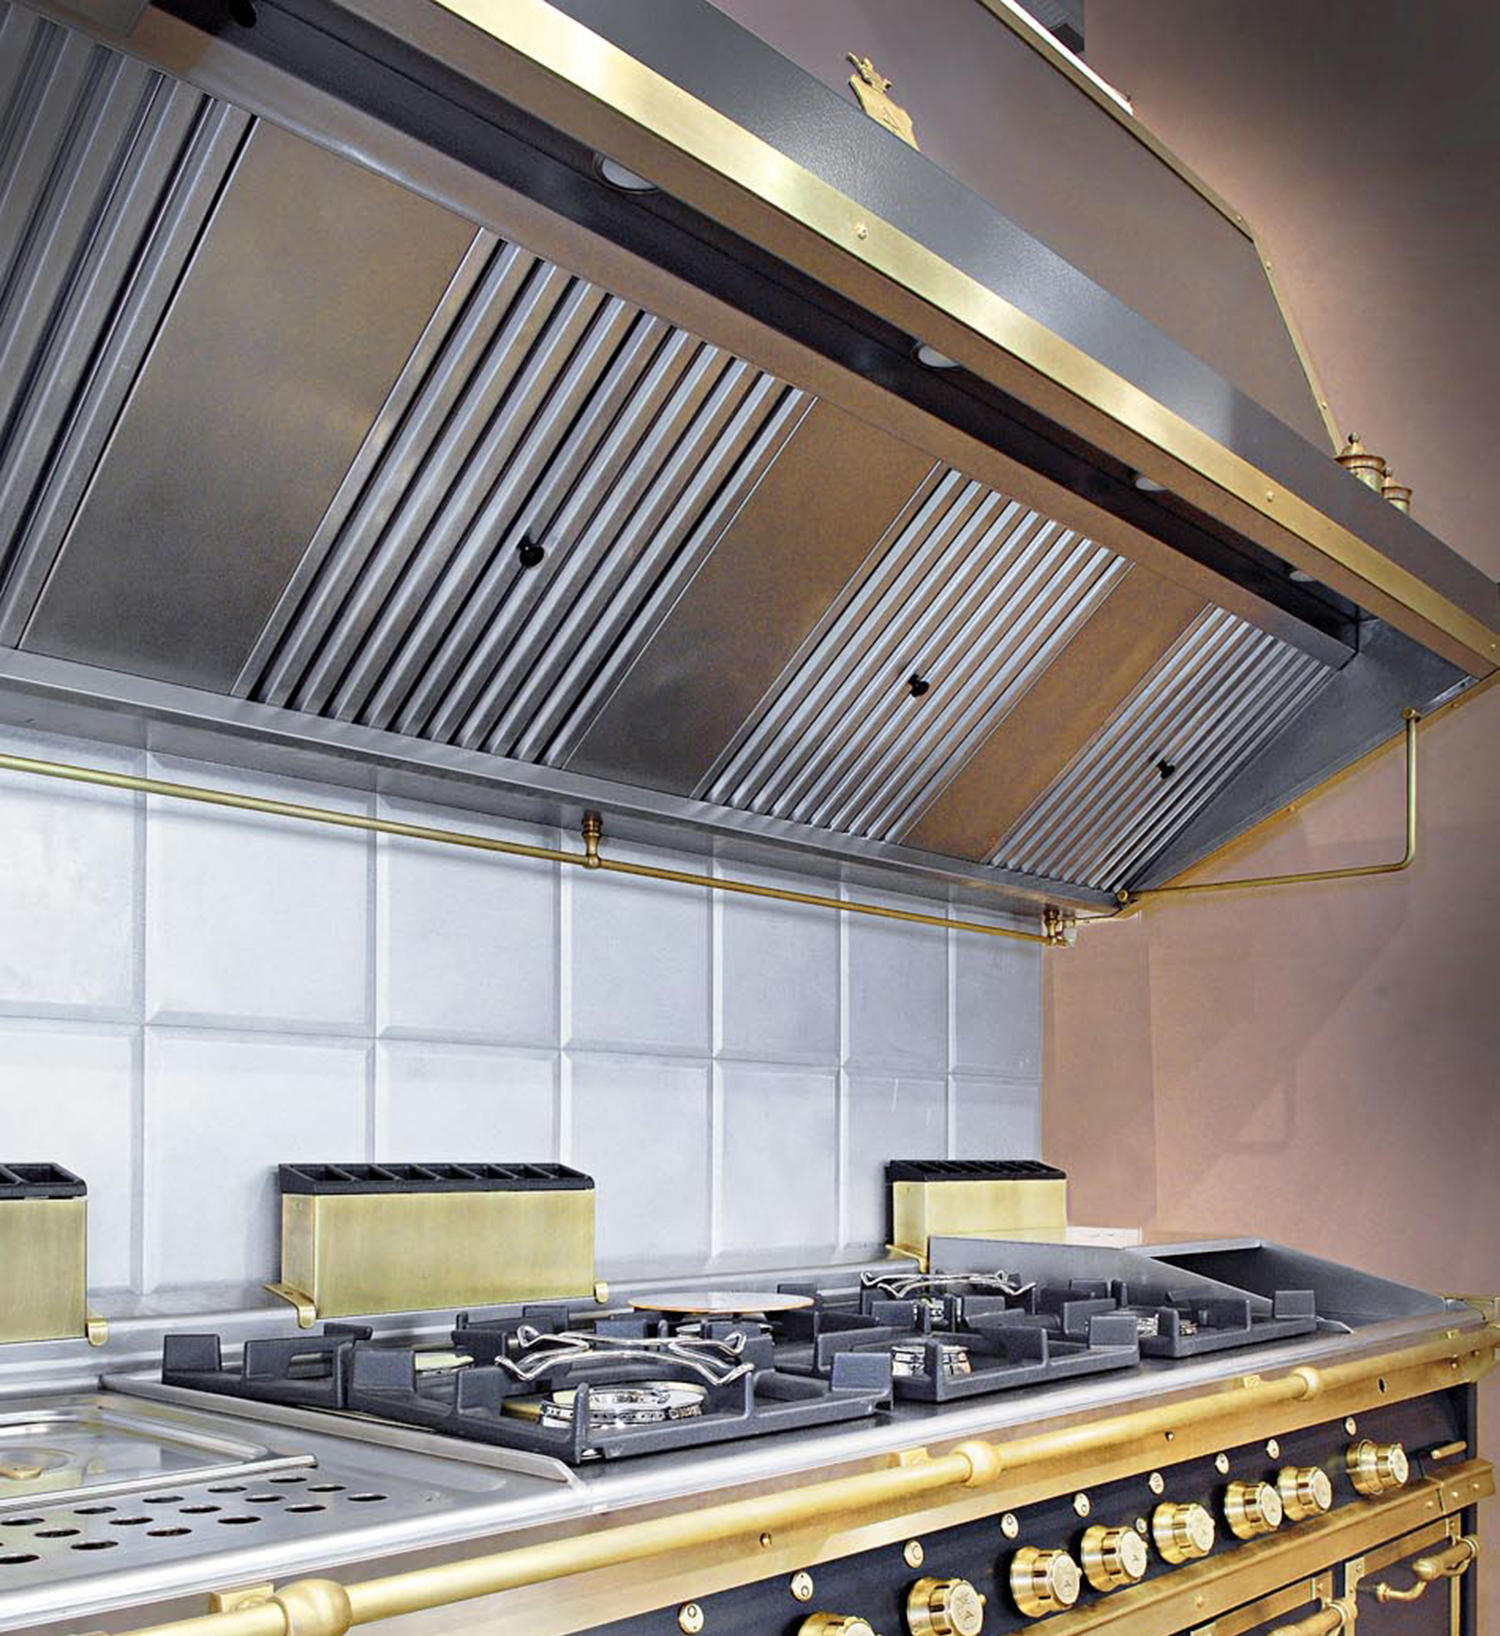 ABZUGSHAUBE OGC001 - Küchenabzugshauben von Officine Gullo | Architonic